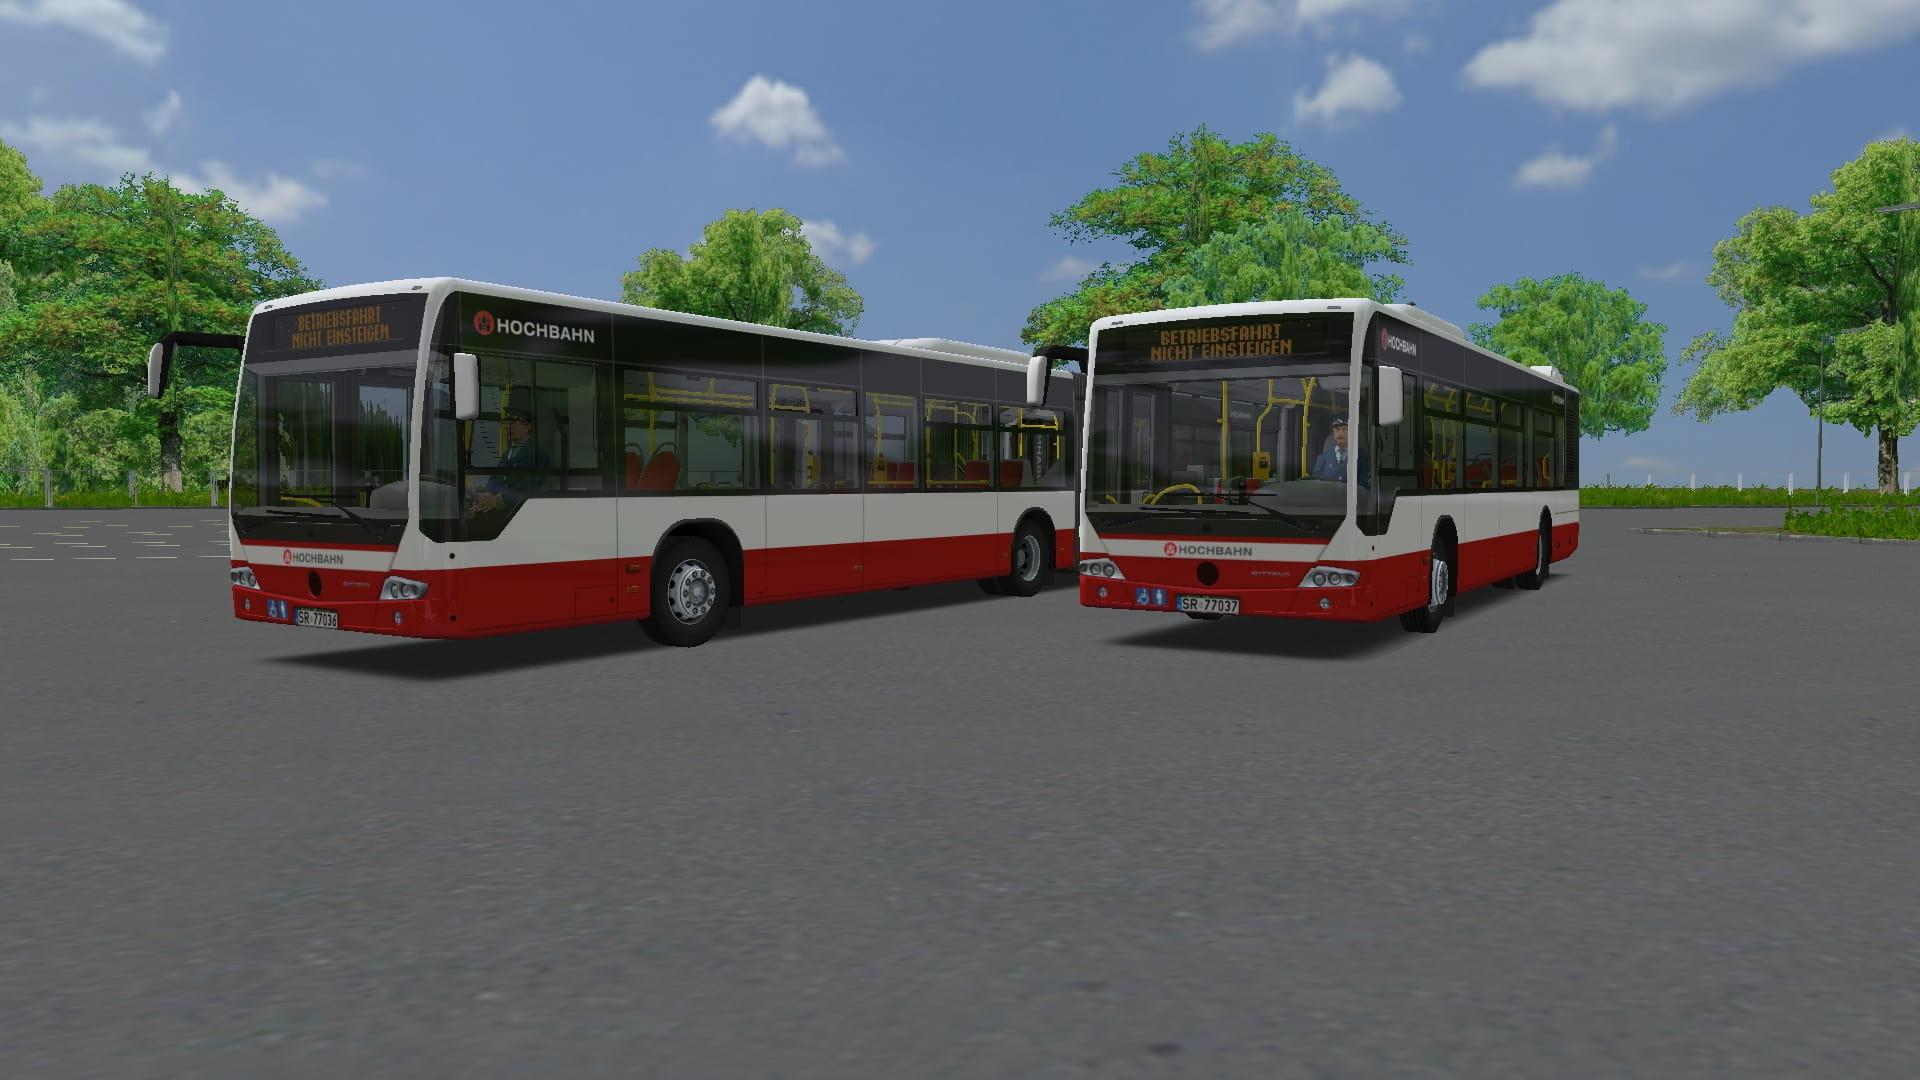 44729-omsi2-20201203-170529-jpg